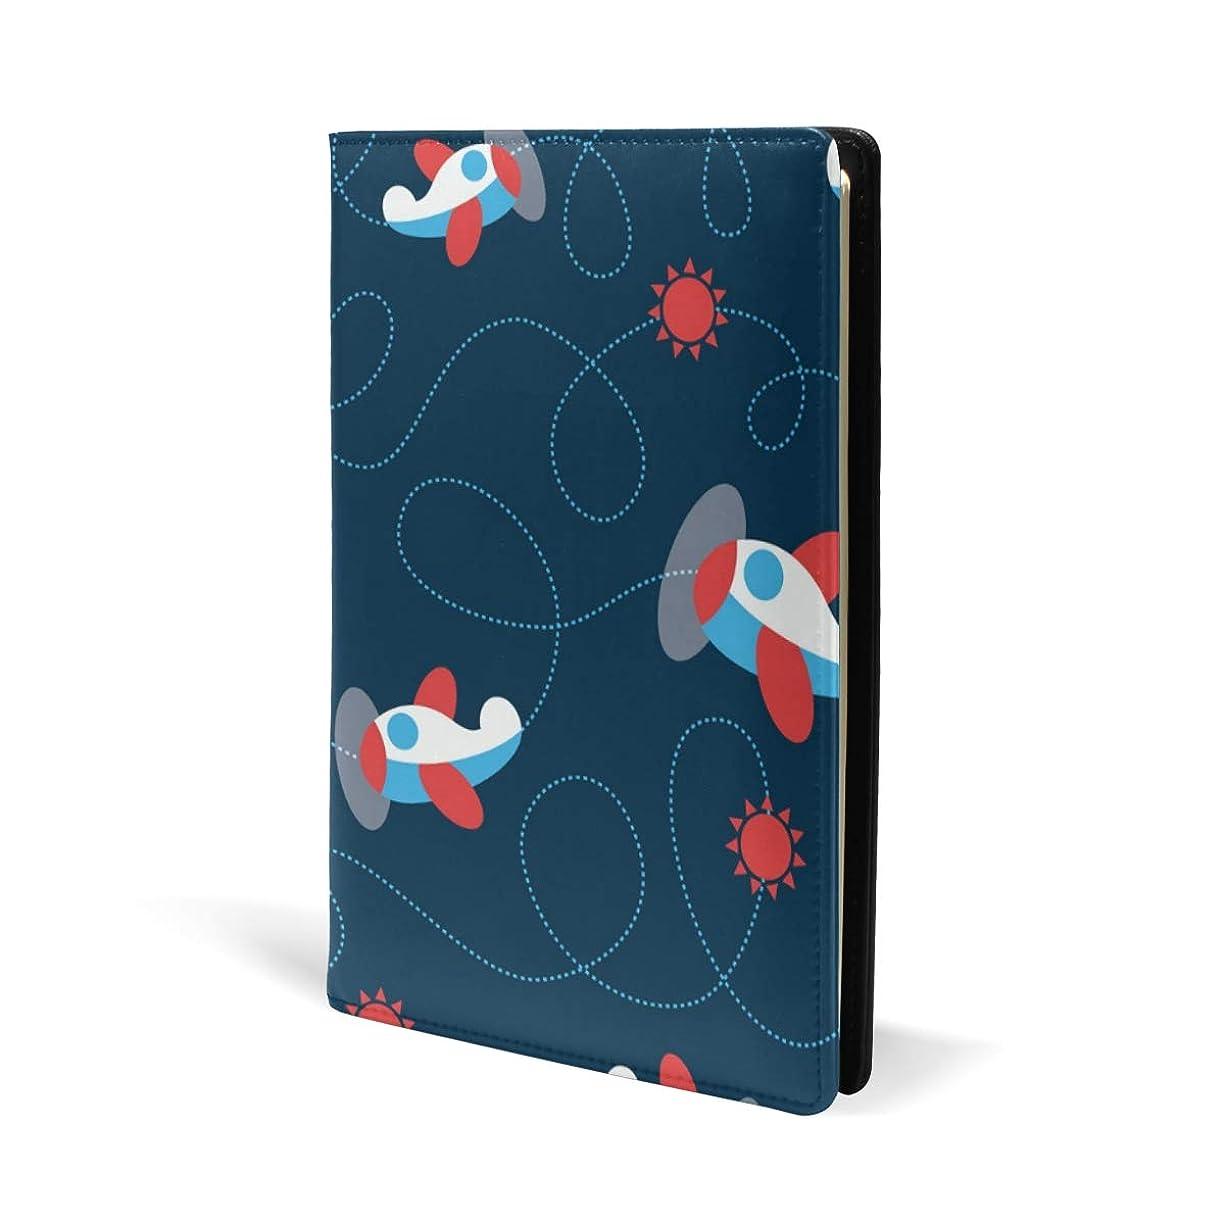 プランター切り下げ立派なブックカバー a5 飛行機 かわいい 太陽 文庫 PUレザー ファイル オフィス用品 読書 文庫判 資料 日記 収納入れ 高級感 耐久性 雑貨 プレゼント 機能性 耐久性 軽量